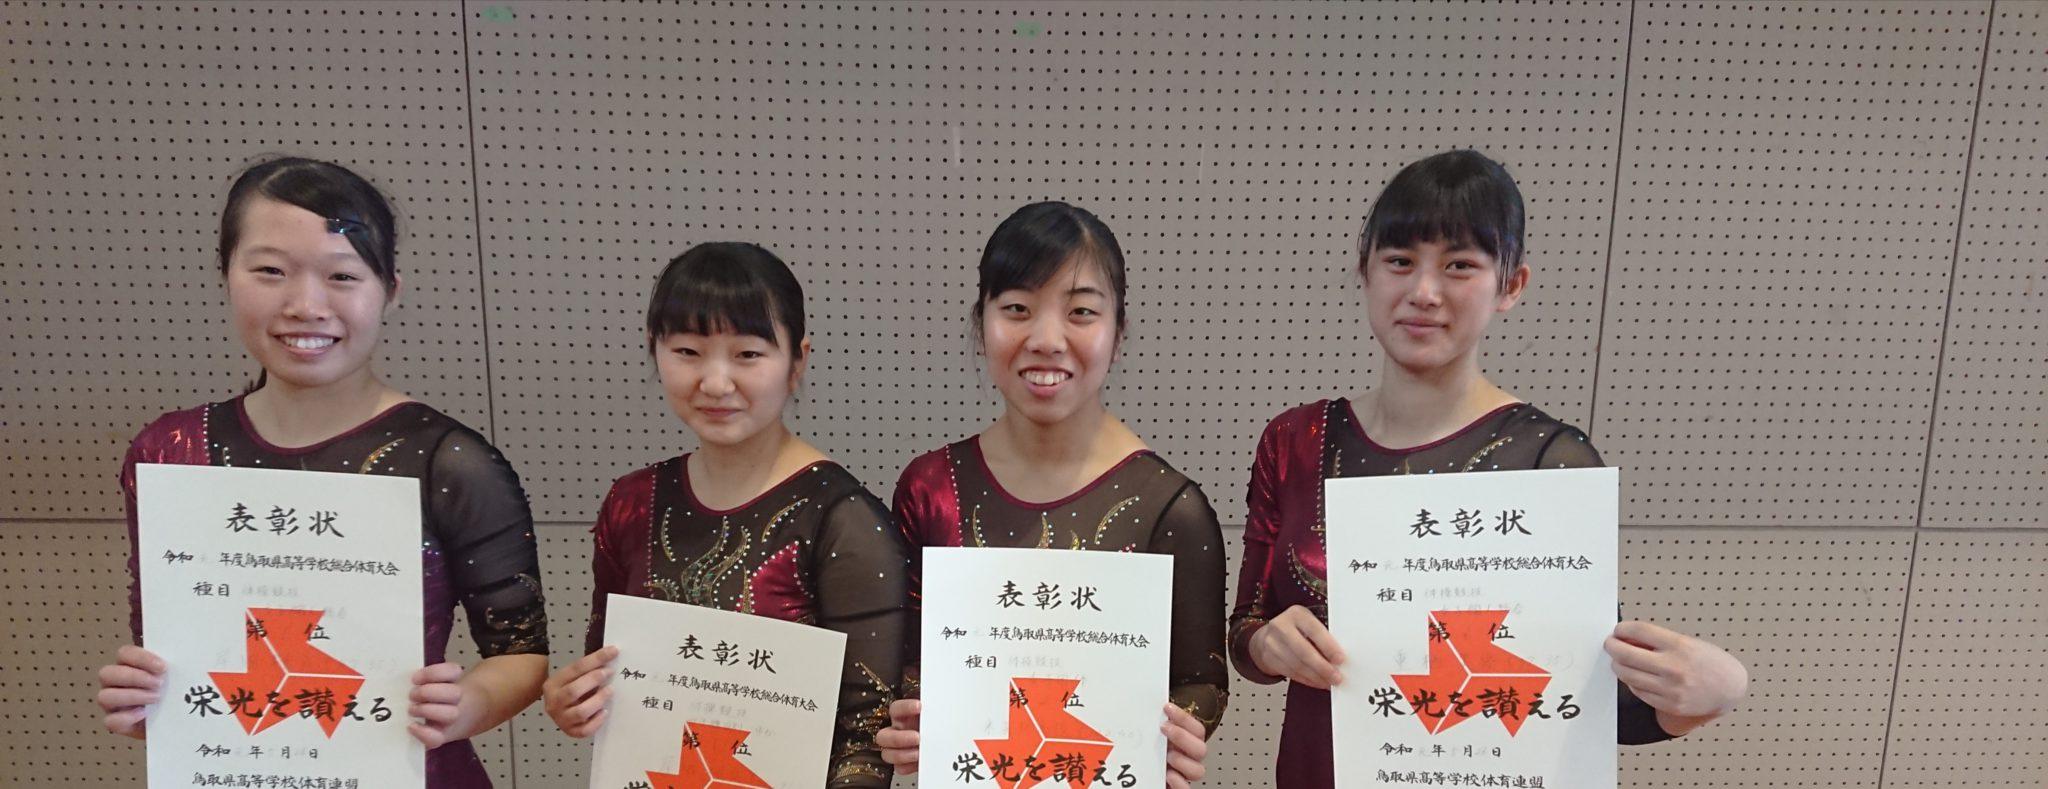 体操部:2019年度の活動